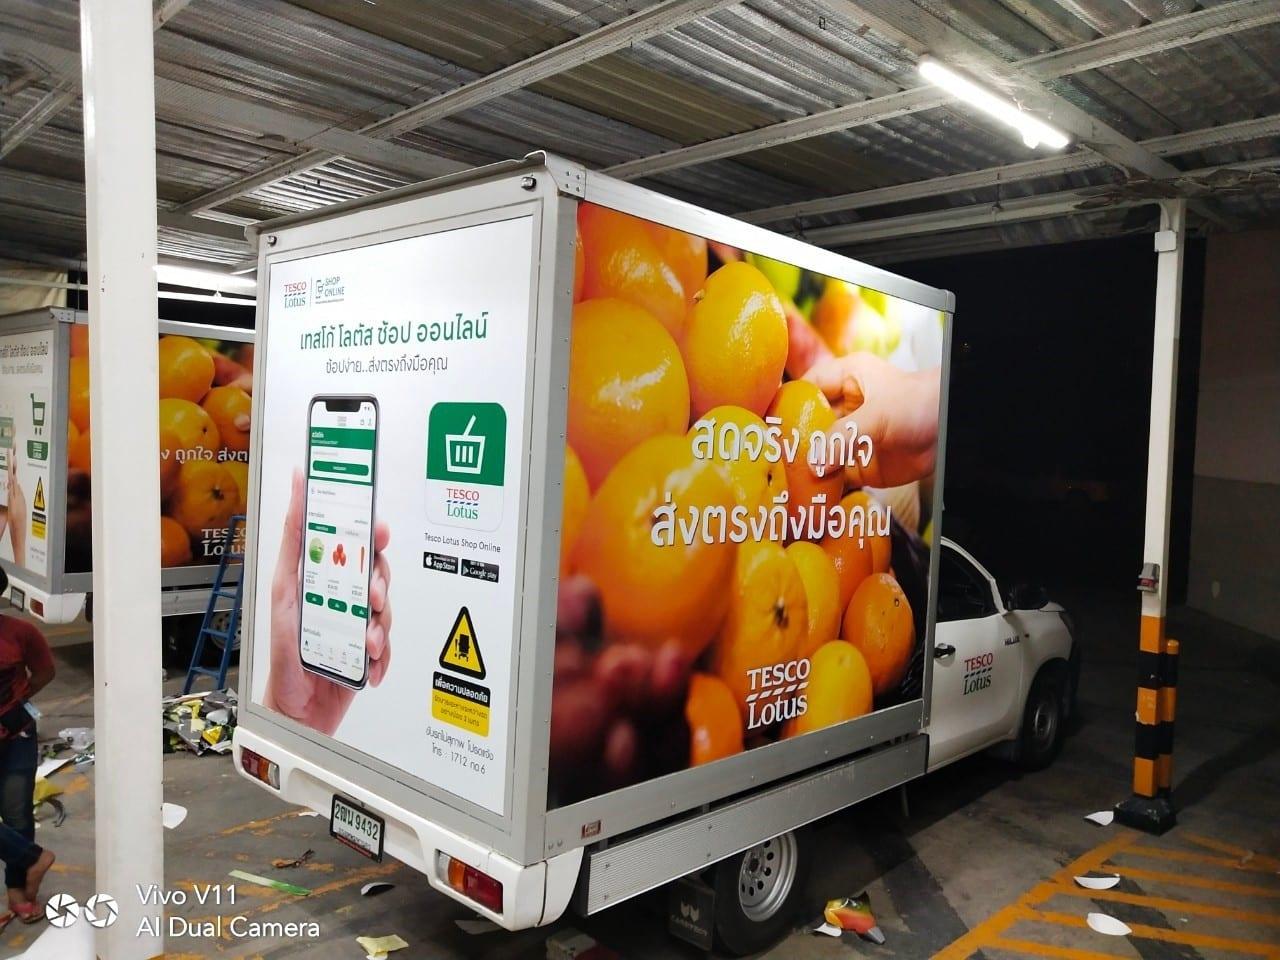 รูป Sticker Van 2020 34 - ประกอบเนื้อหา สติ๊กเกอร์โฆษณาติดรถ